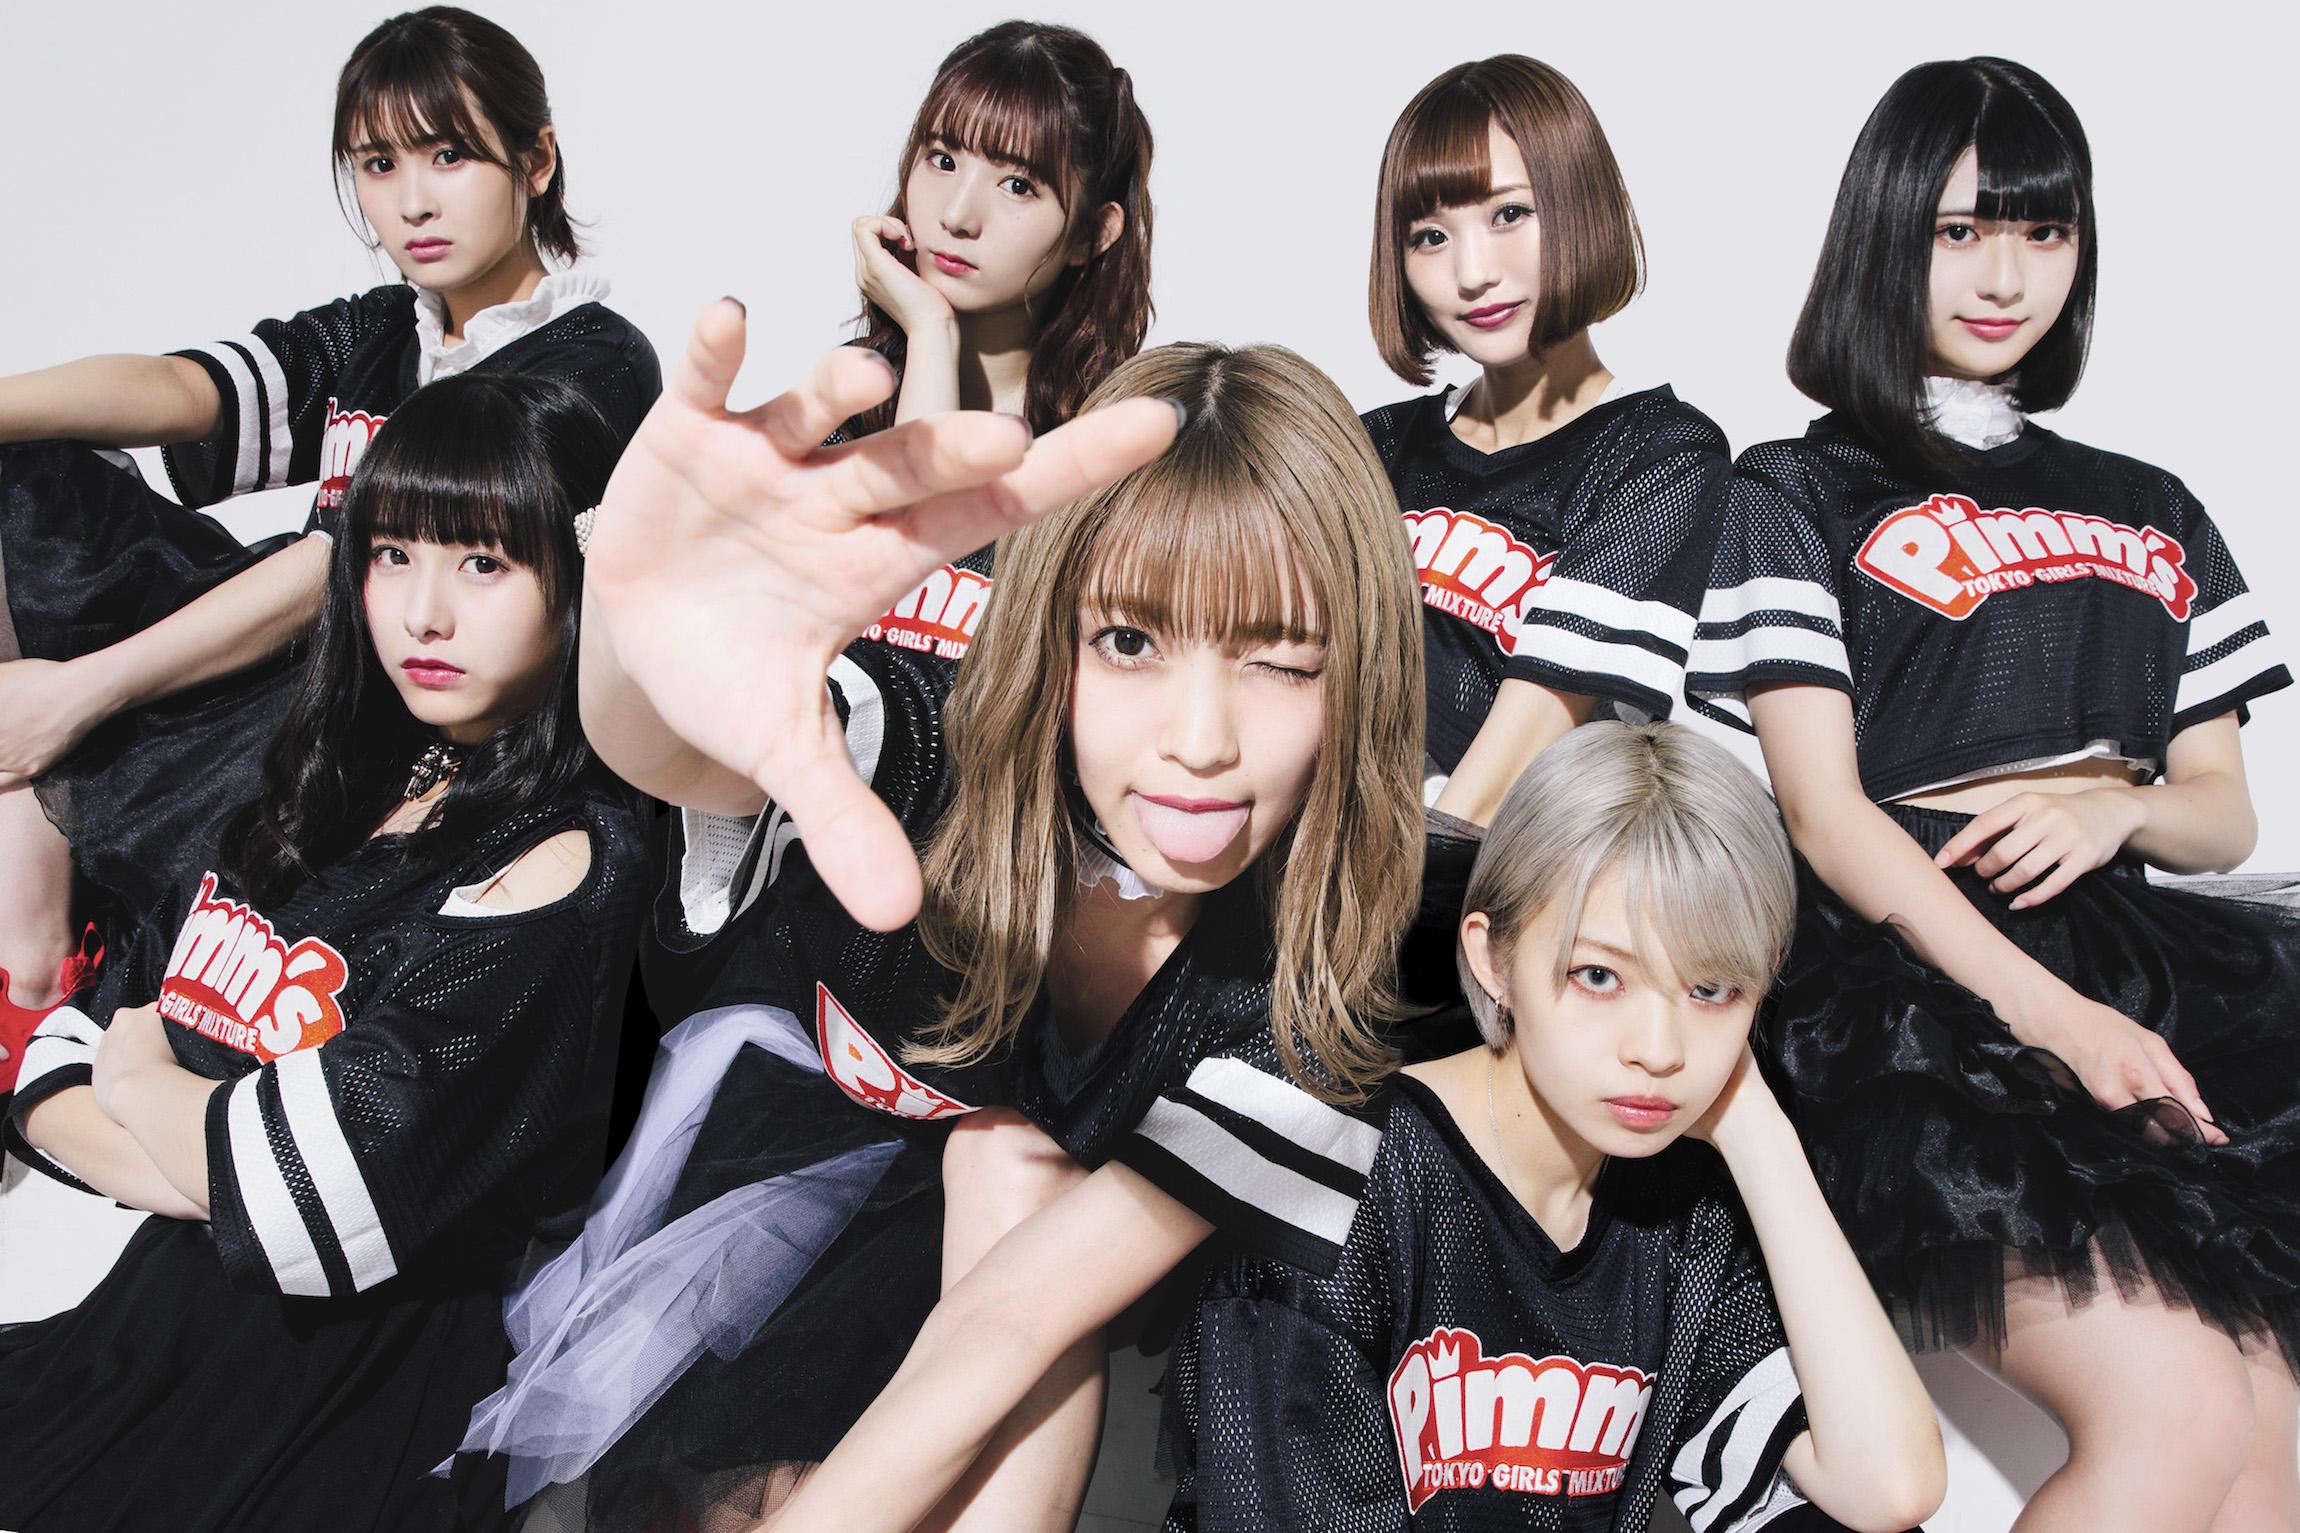 10/8(火) Pimm's東京単独公演@TSUTAYA O-nest